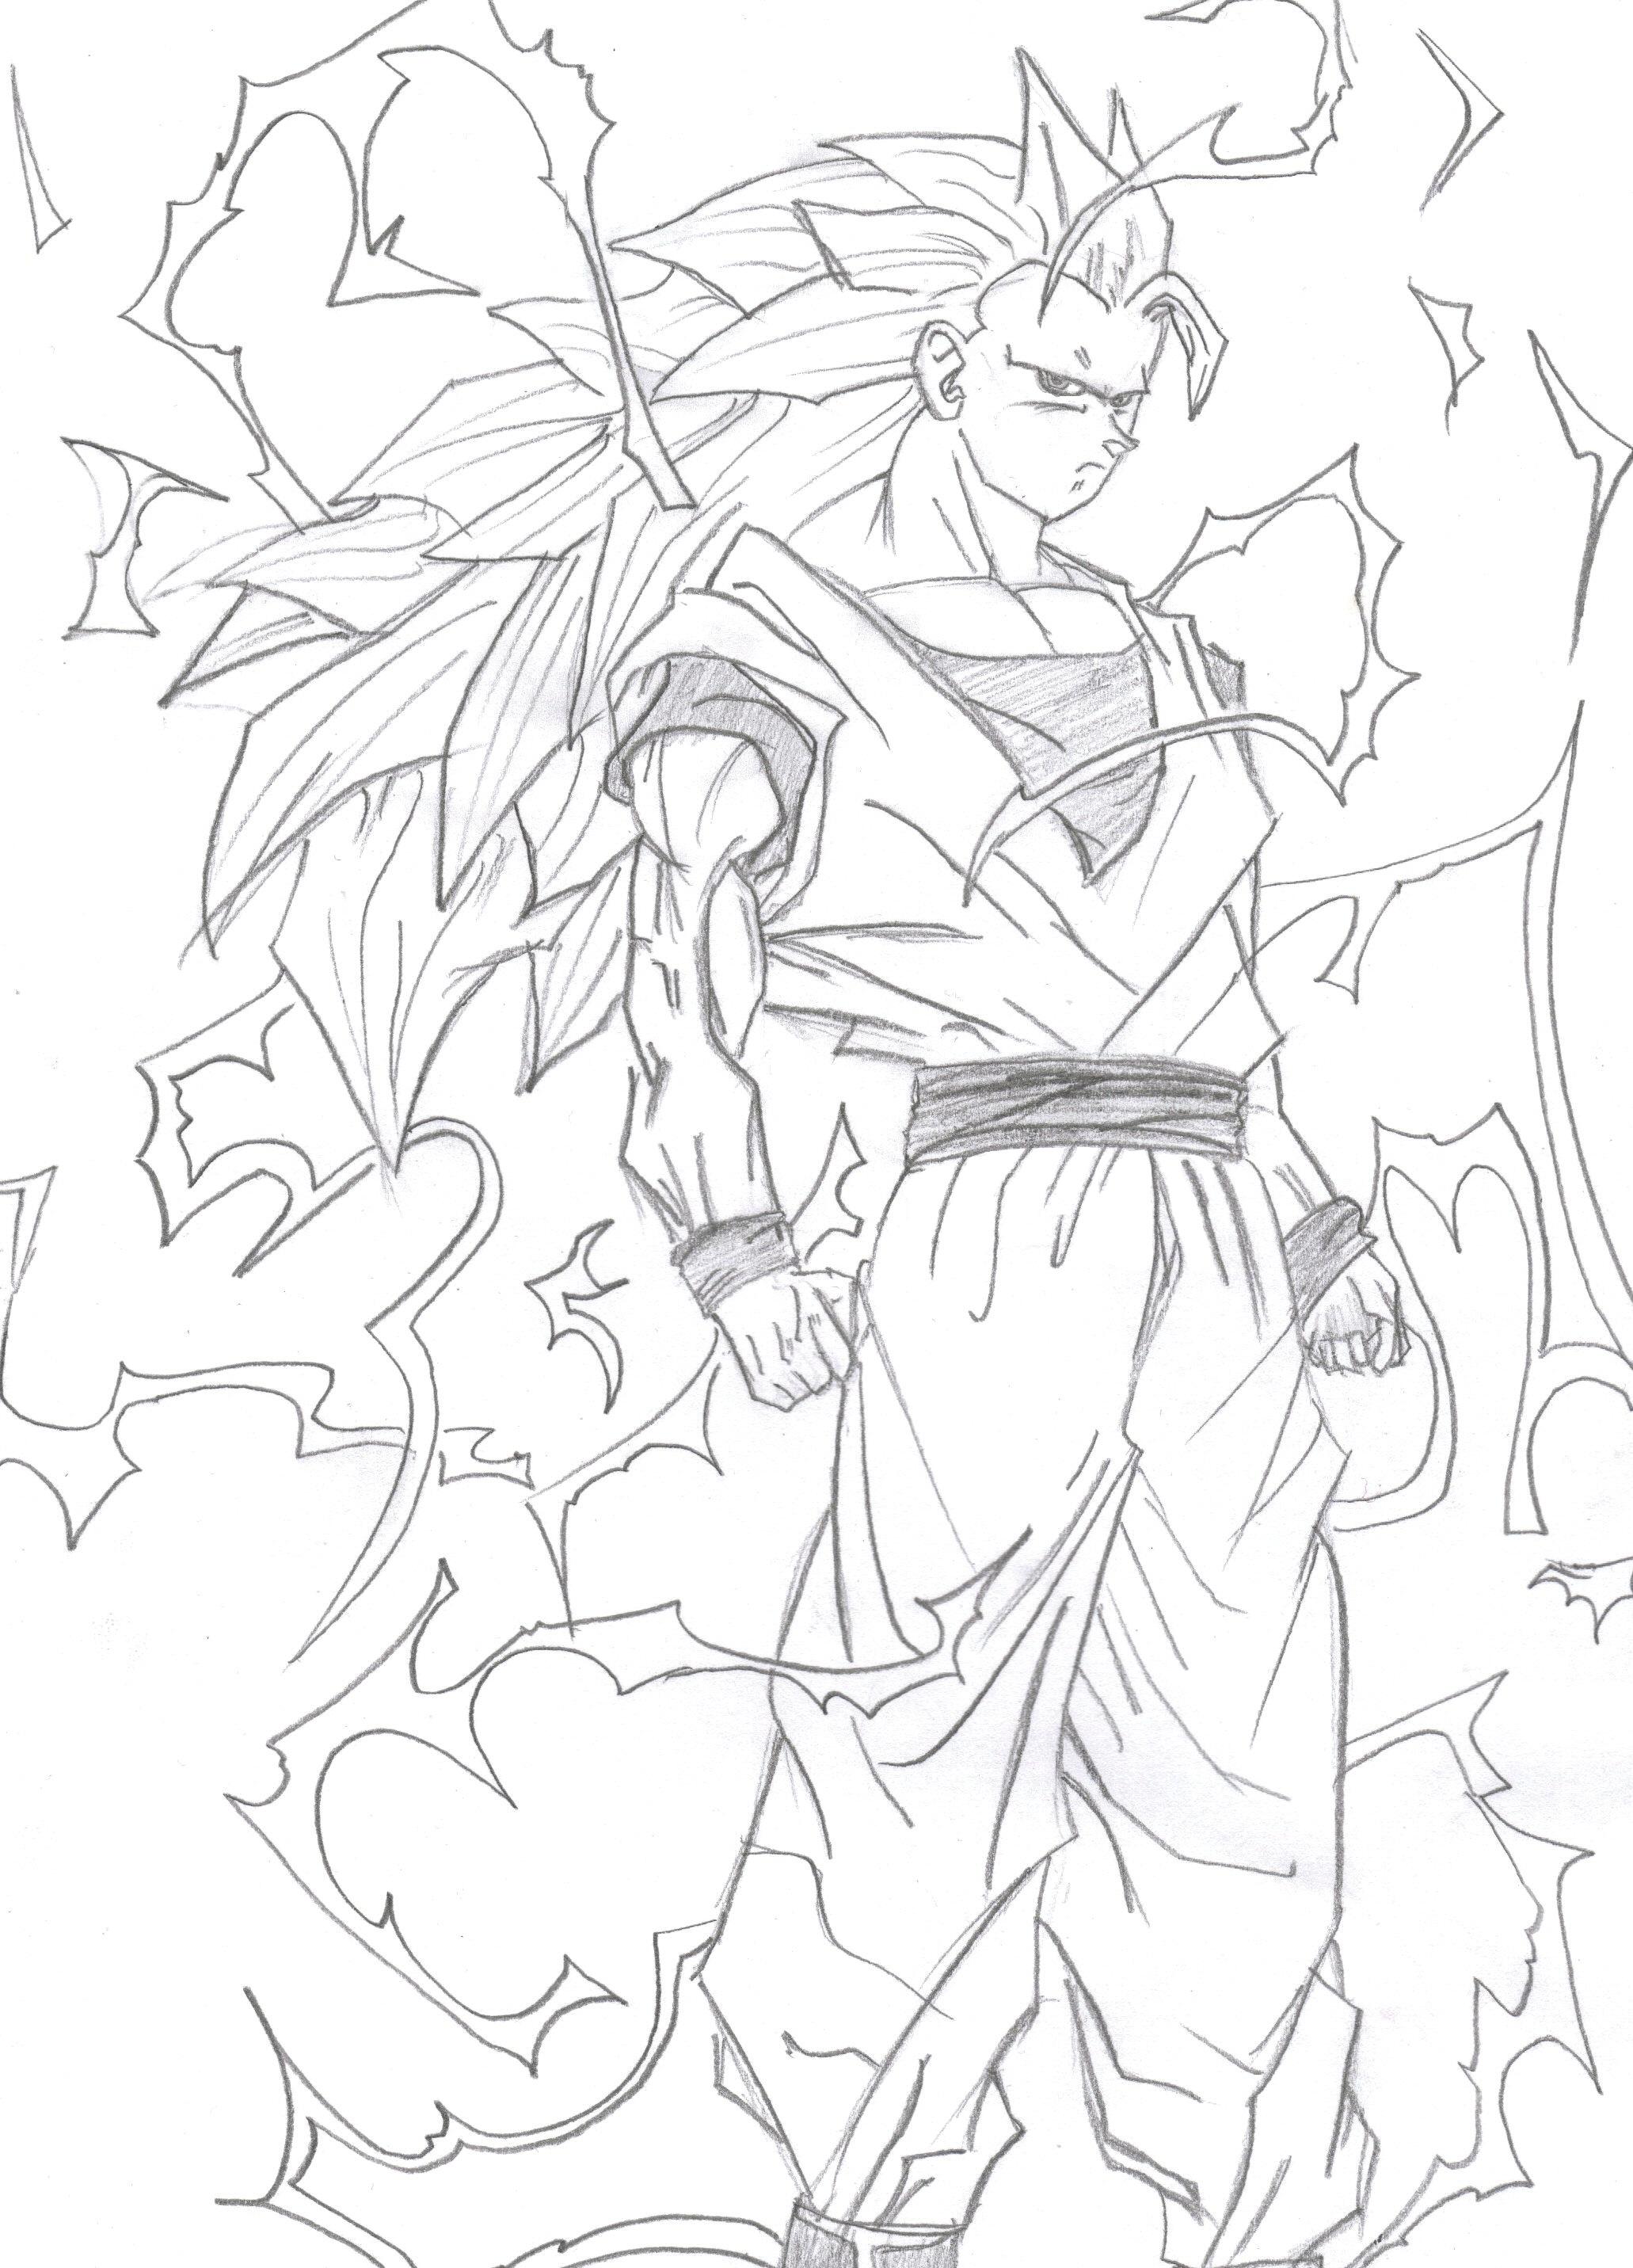 Goku Super Saiyan 3 By Willixl On Deviantart